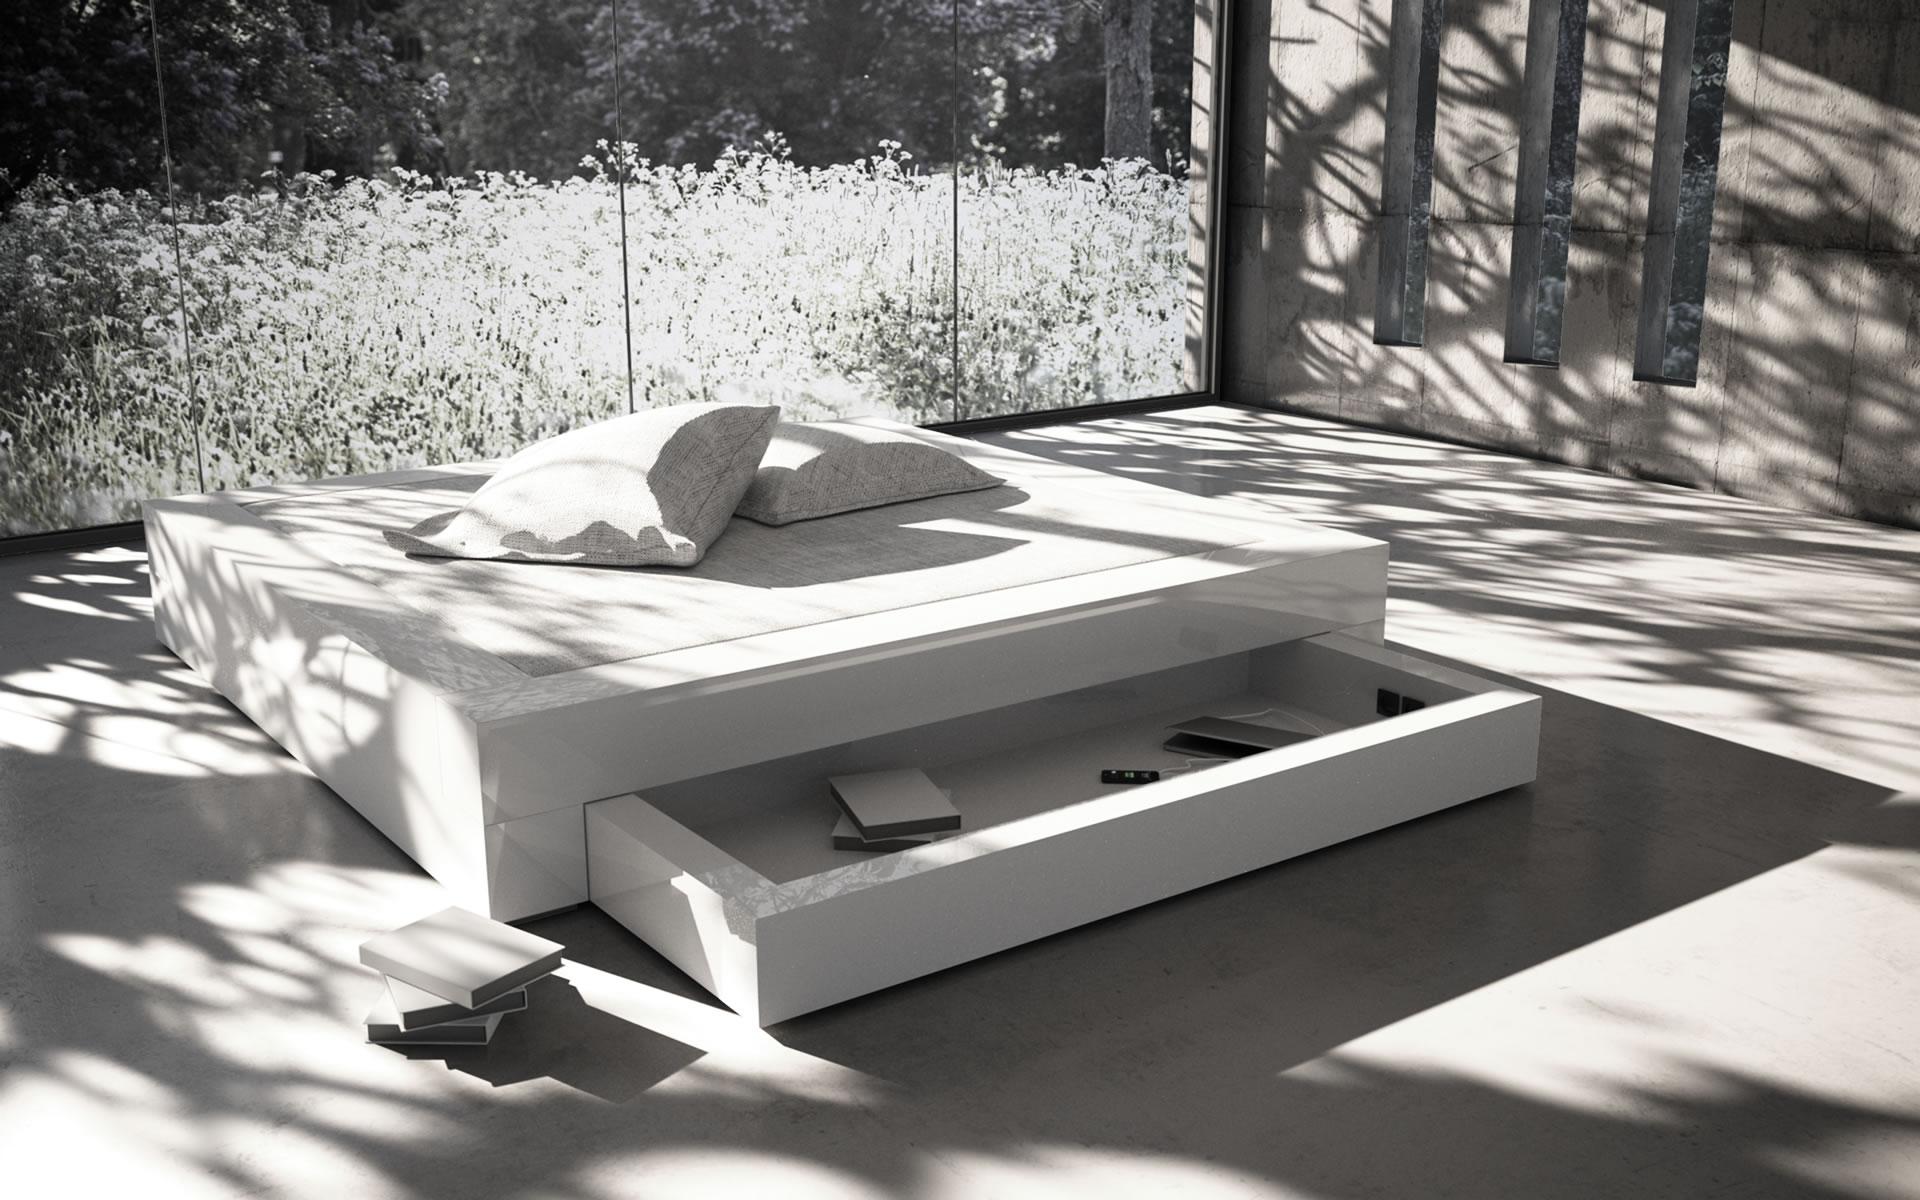 Full Size of Betten Mit Bettkasten Ruf 200x200 140x200 Und Motor Ikea Sofa Relaxfunktion Jensen Pantryküche Kühlschrank Holz Boxspring Schramm Düsseldorf Aus Bett Betten Mit Bettkasten